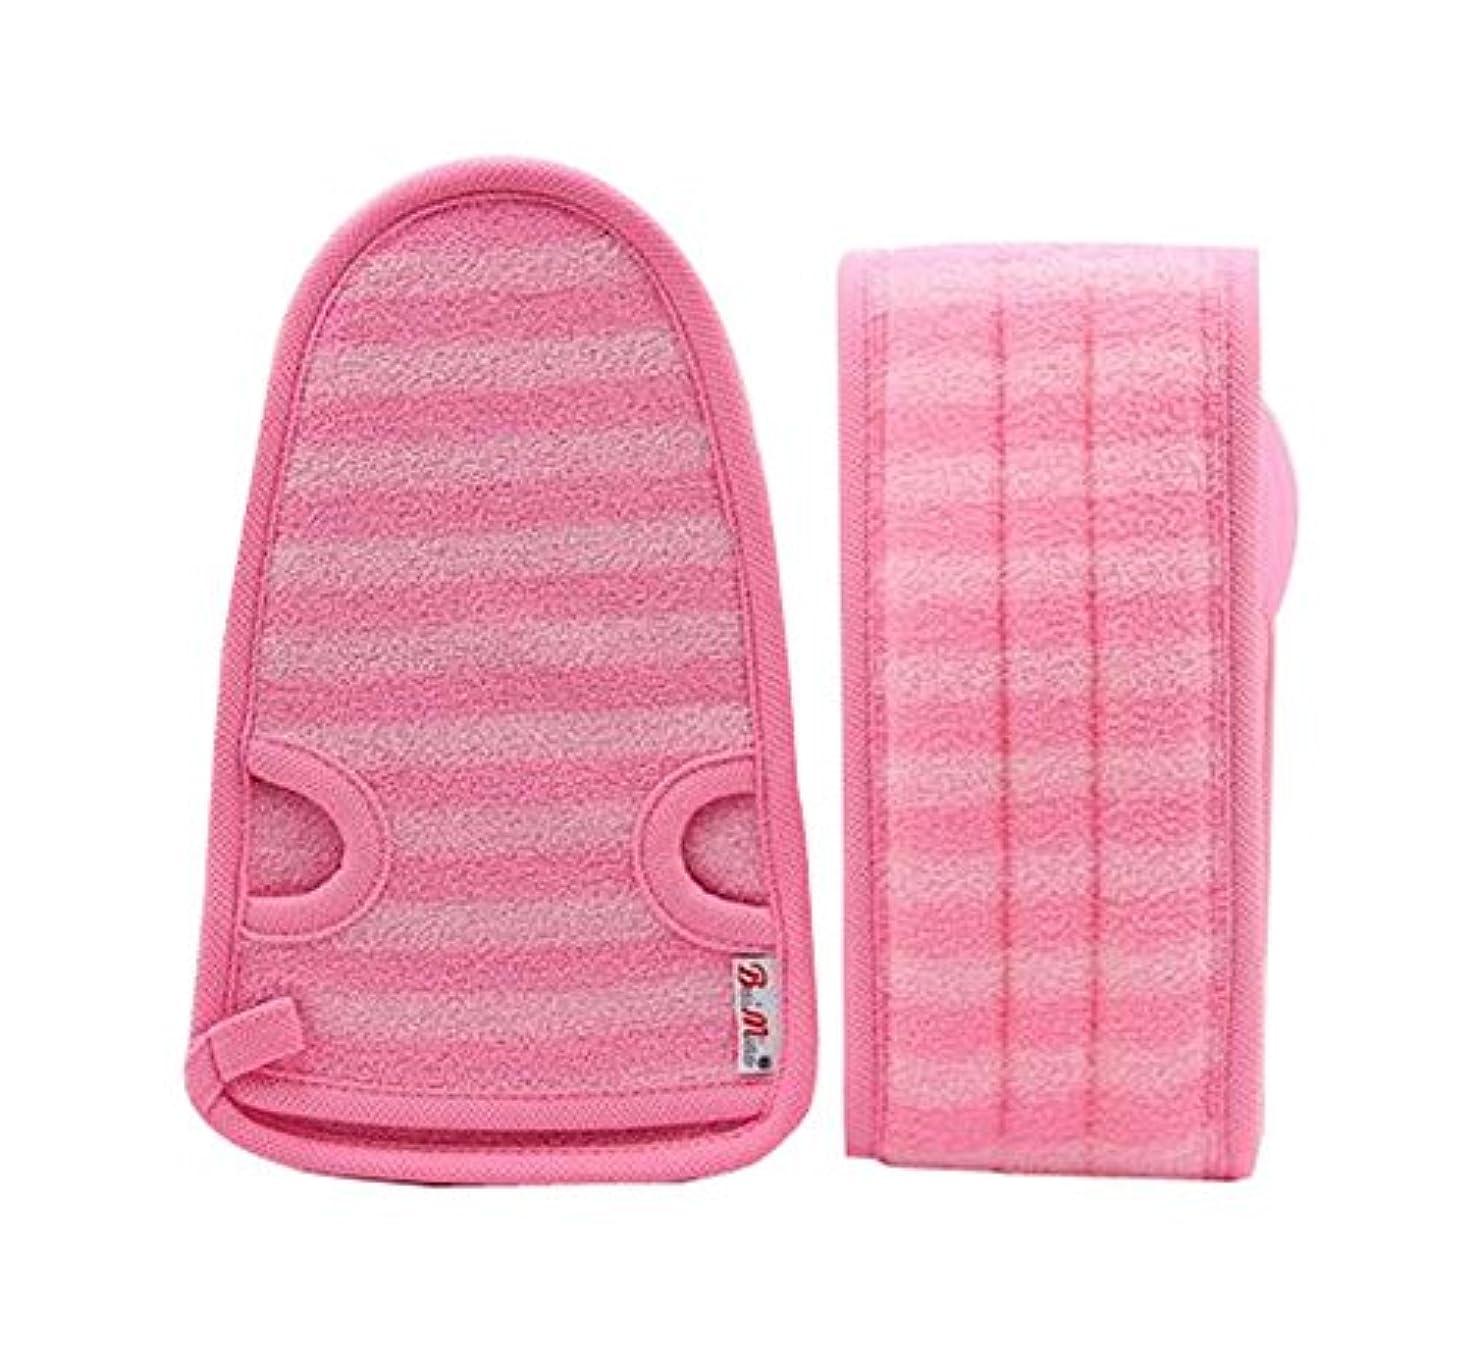 ビームパラナ川プロテスタント女性のための柔らかい手袋の角質除去の手袋の浴室ベルトの2、ピンク